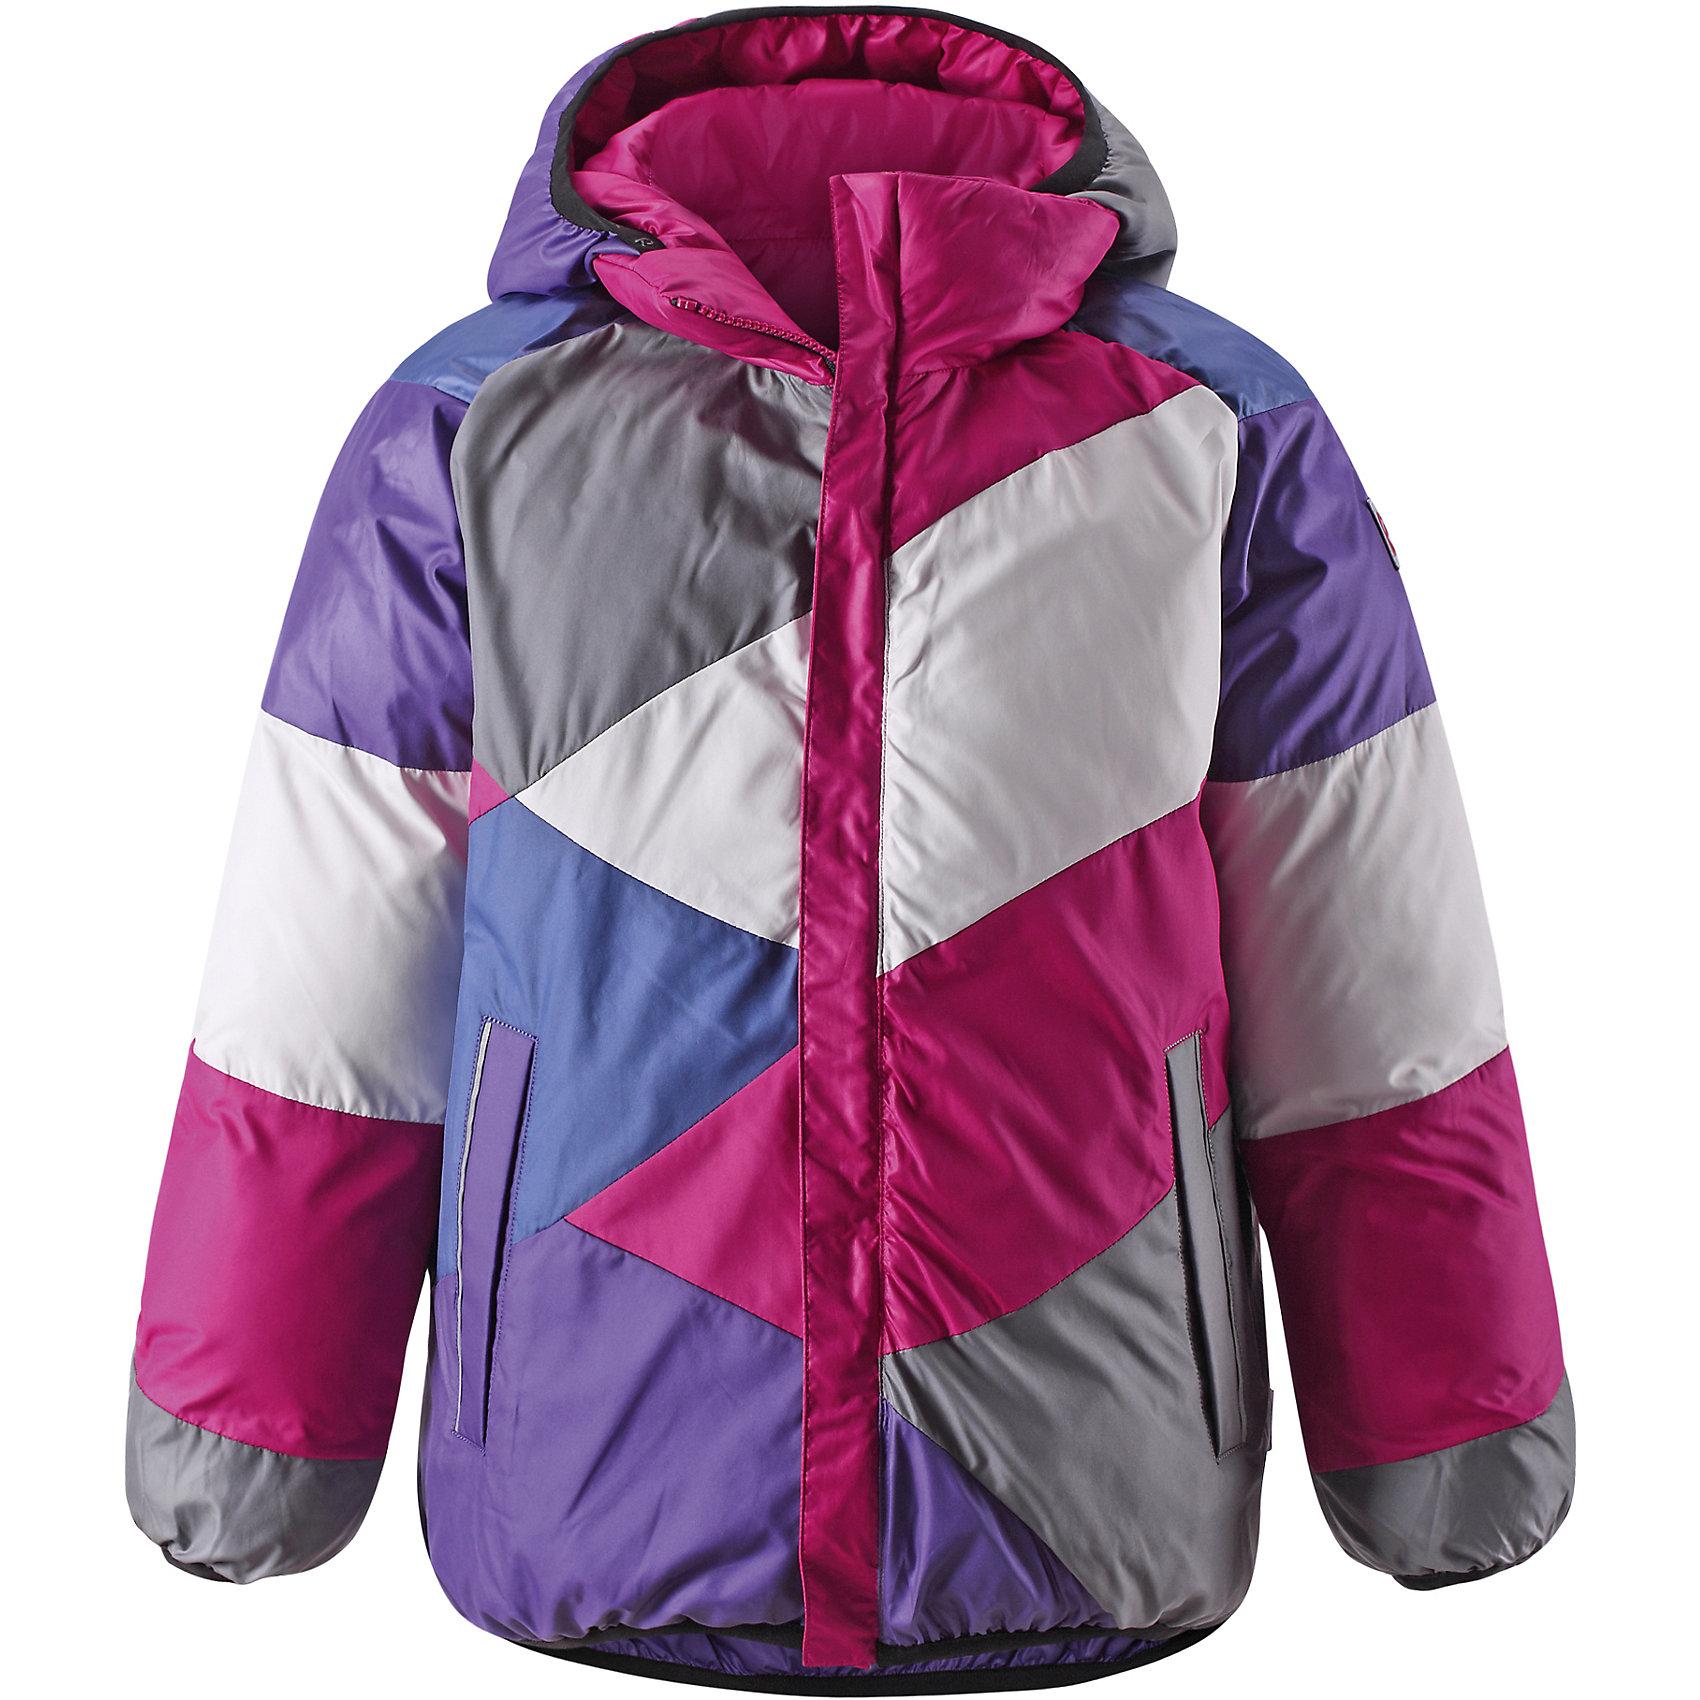 Куртка для девочки ReimaДвусторонняя куртка для девочки от финской марки Reima.<br><br>Сегодня однотонная, а завтра яркая и разноцветная! Этот весёлый двусторонний пуховик для детей согреет любителей прогулок в морозные зимние деньки! Пошит из ветронепроницаемого и пропускающего воздух материала, который отталкивает грязь и влагу.<br><br>В этом пуховике вашему ребёнку будет сухо и тепло на прогулке. Традиционный пуховик прямого покроя со съёмным капюшоном, который защитит от зимнего ветра. На этой великолепной зимней куртке имеется множество светоотражающих деталей, например, светоотражающие канты на карманах. Съёмный капюшон обеспечивает дополнительную надёжность - если закреплённый кнопками капюшон зацепится за что-нибудь, он легко отстегнётся. Выберите свой любимый цвет среди модных в этом сезоне расцветок!<br>- Двусторонний пуховик для подростков<br>- Одна сторона однотонная, другая - разноцветная<br>- Карманы на молниях<br>- Эластичный кант на манжетах рукавов, по краю капюшона и подола<br>- Безопасный съёмный капюшон<br><br>Состав:<br>100% ПЭ<br><br>Ширина мм: 356<br>Глубина мм: 10<br>Высота мм: 245<br>Вес г: 519<br>Цвет: розовый<br>Возраст от месяцев: 84<br>Возраст до месяцев: 96<br>Пол: Женский<br>Возраст: Детский<br>Размер: 128,110,140,116,122,152,134,146<br>SKU: 4869703